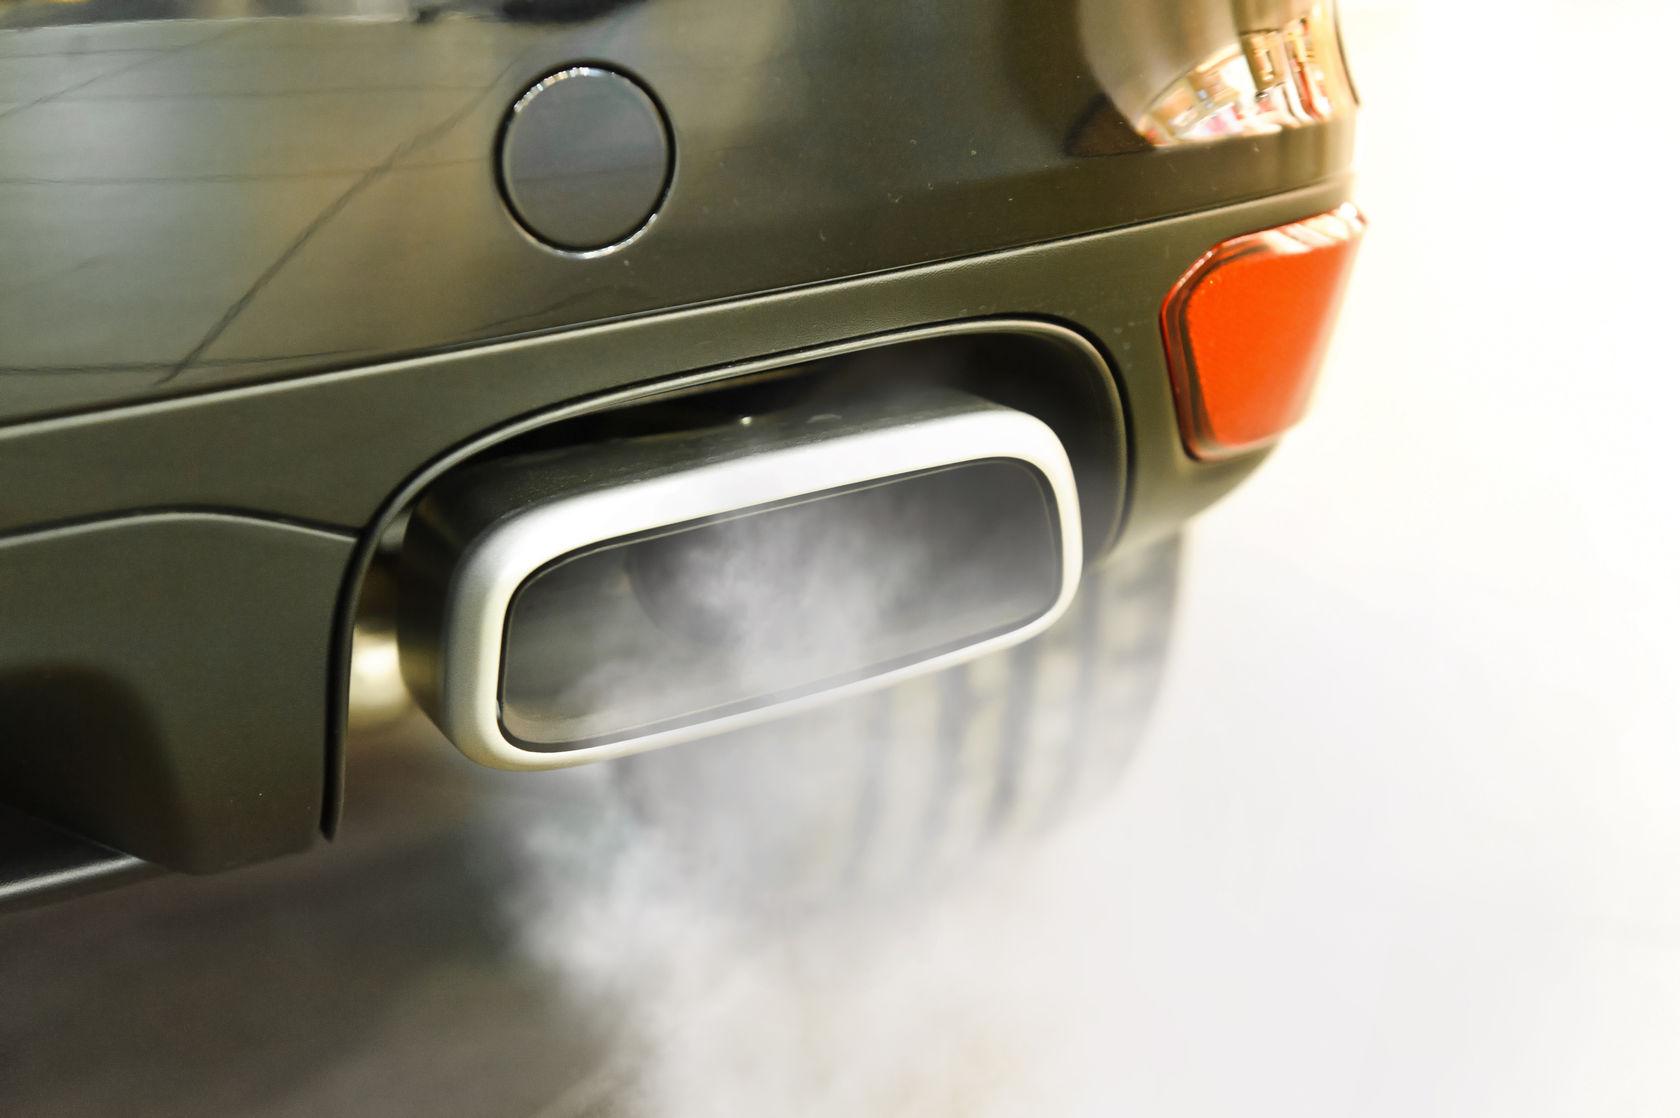 Exhaust shot